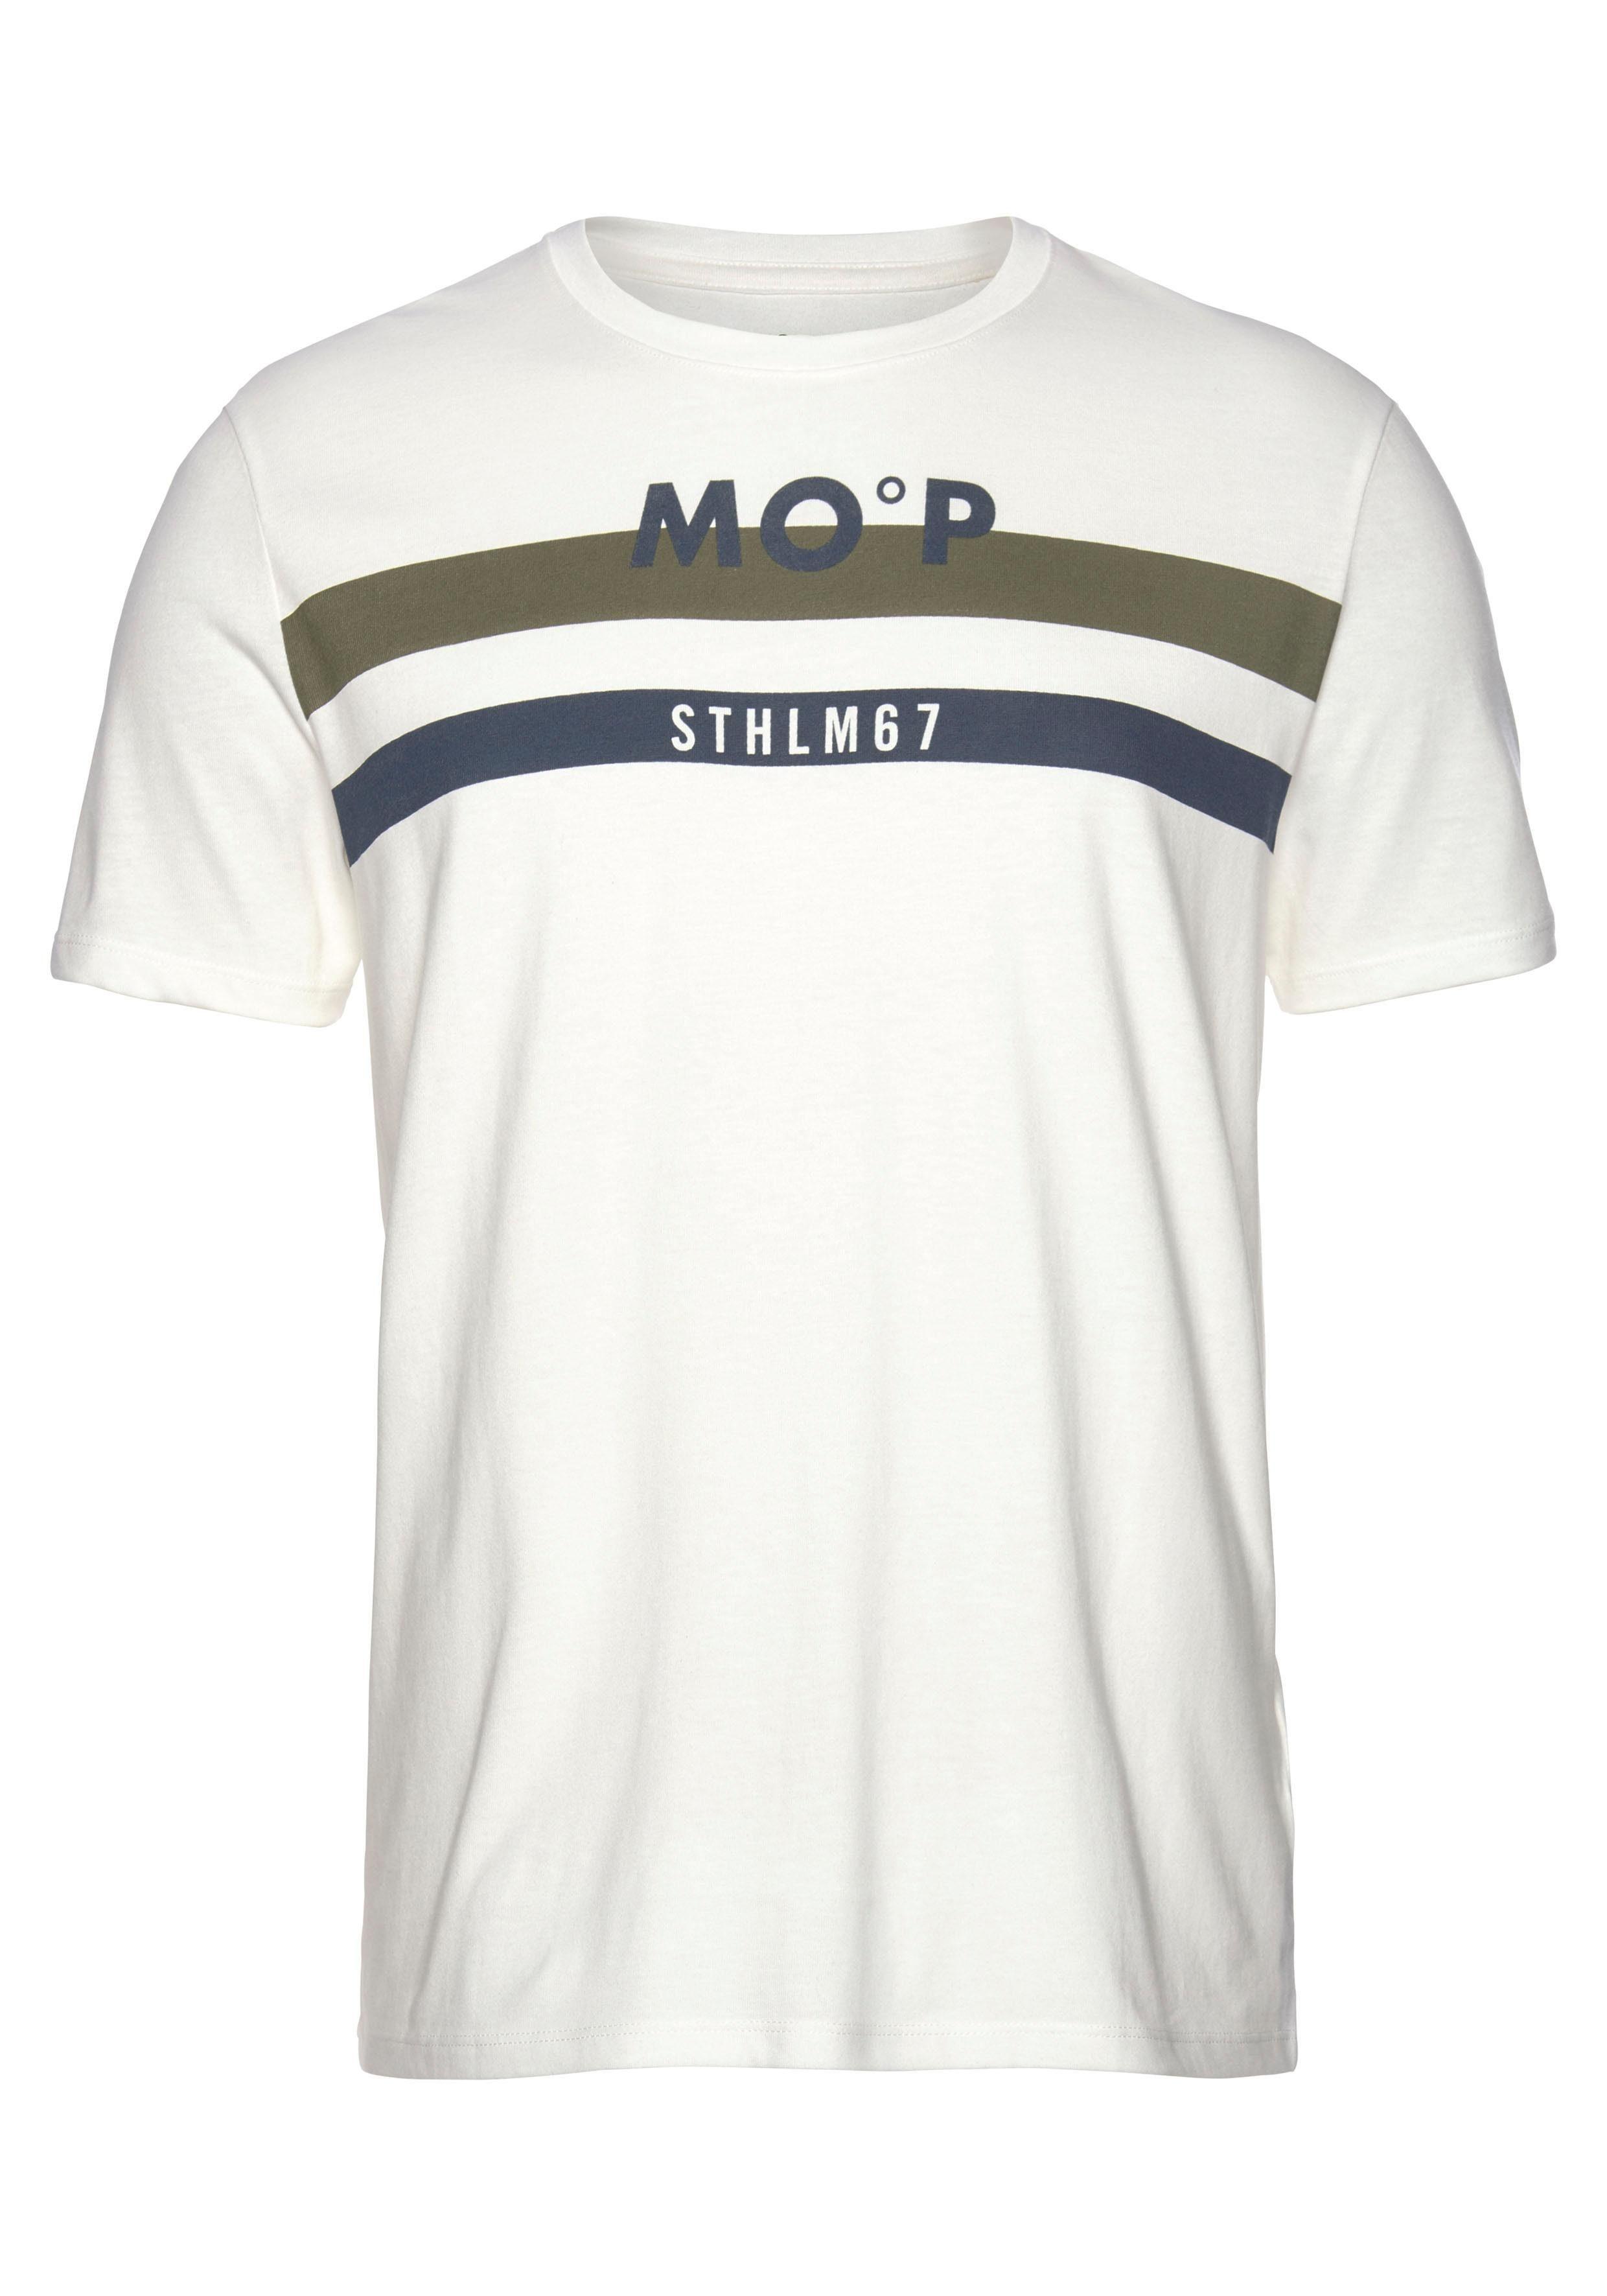 Marc O'Polo T Shirt Streifen kombiniert mit Print Druck online kaufen | OTTO